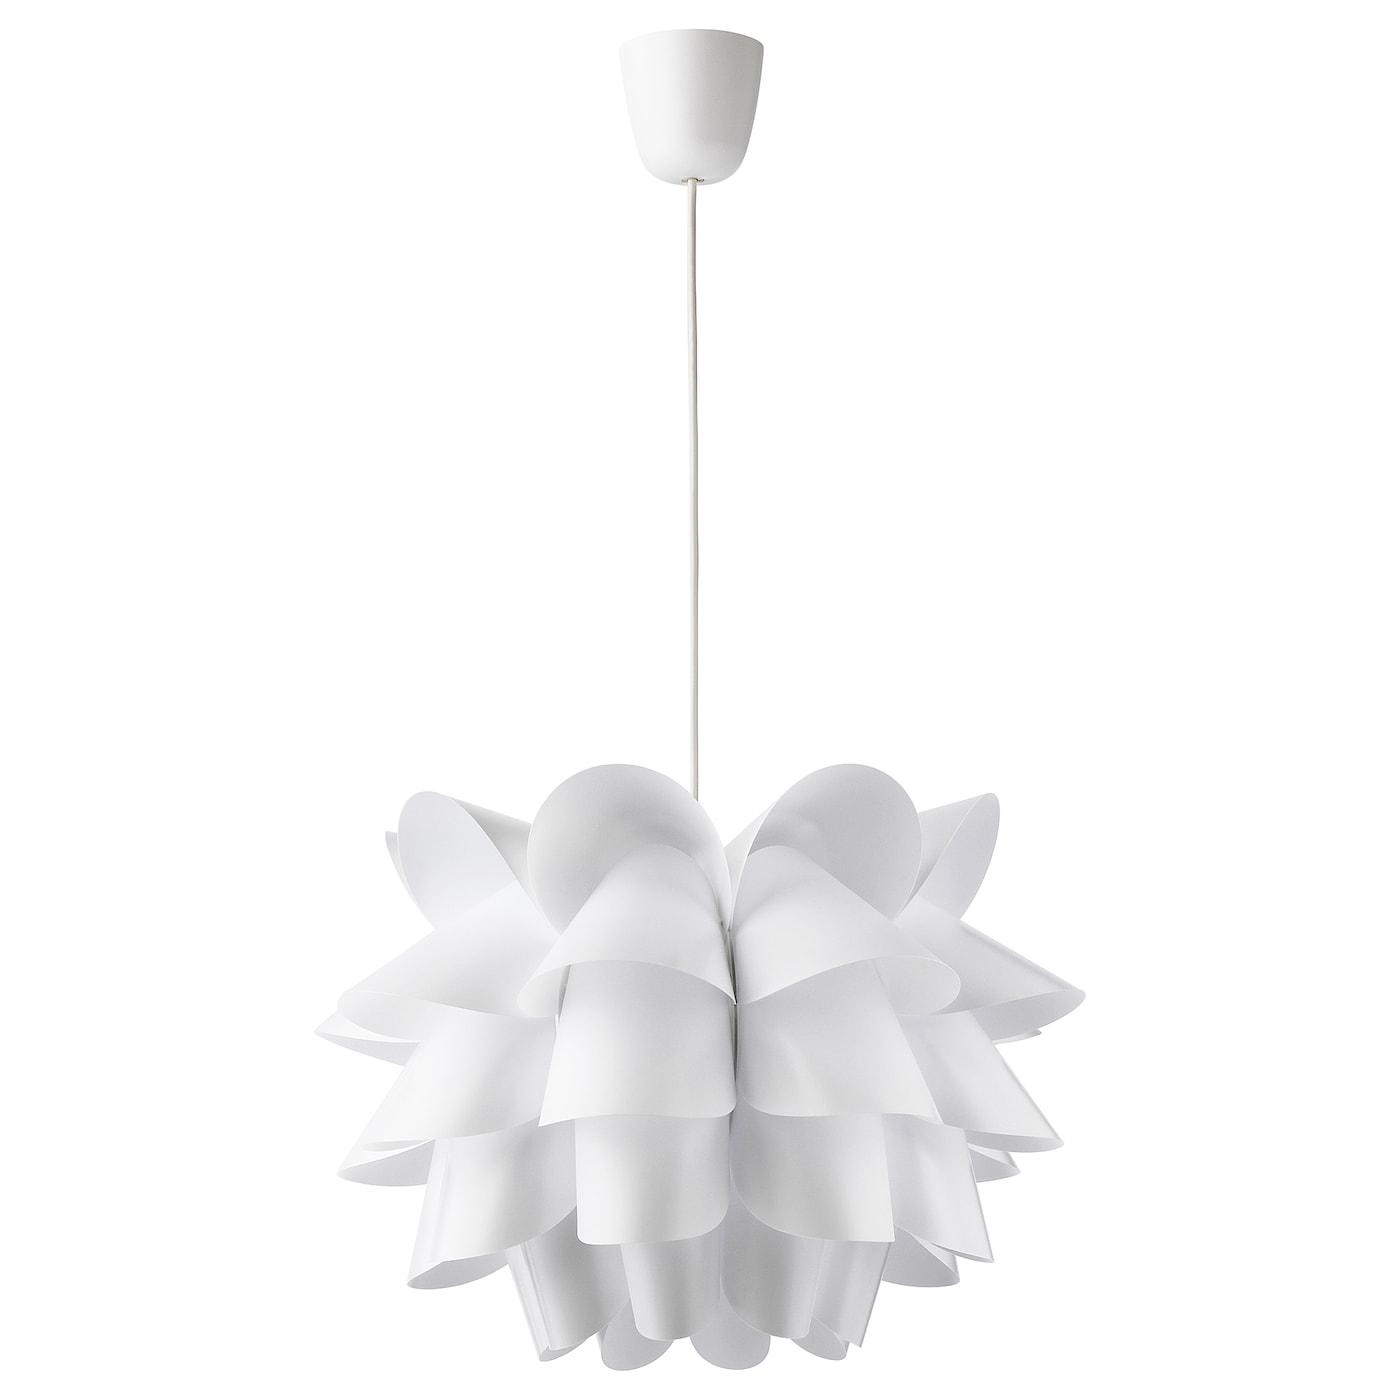 Lámparas De Techo Iluminación Compra Online Ikea